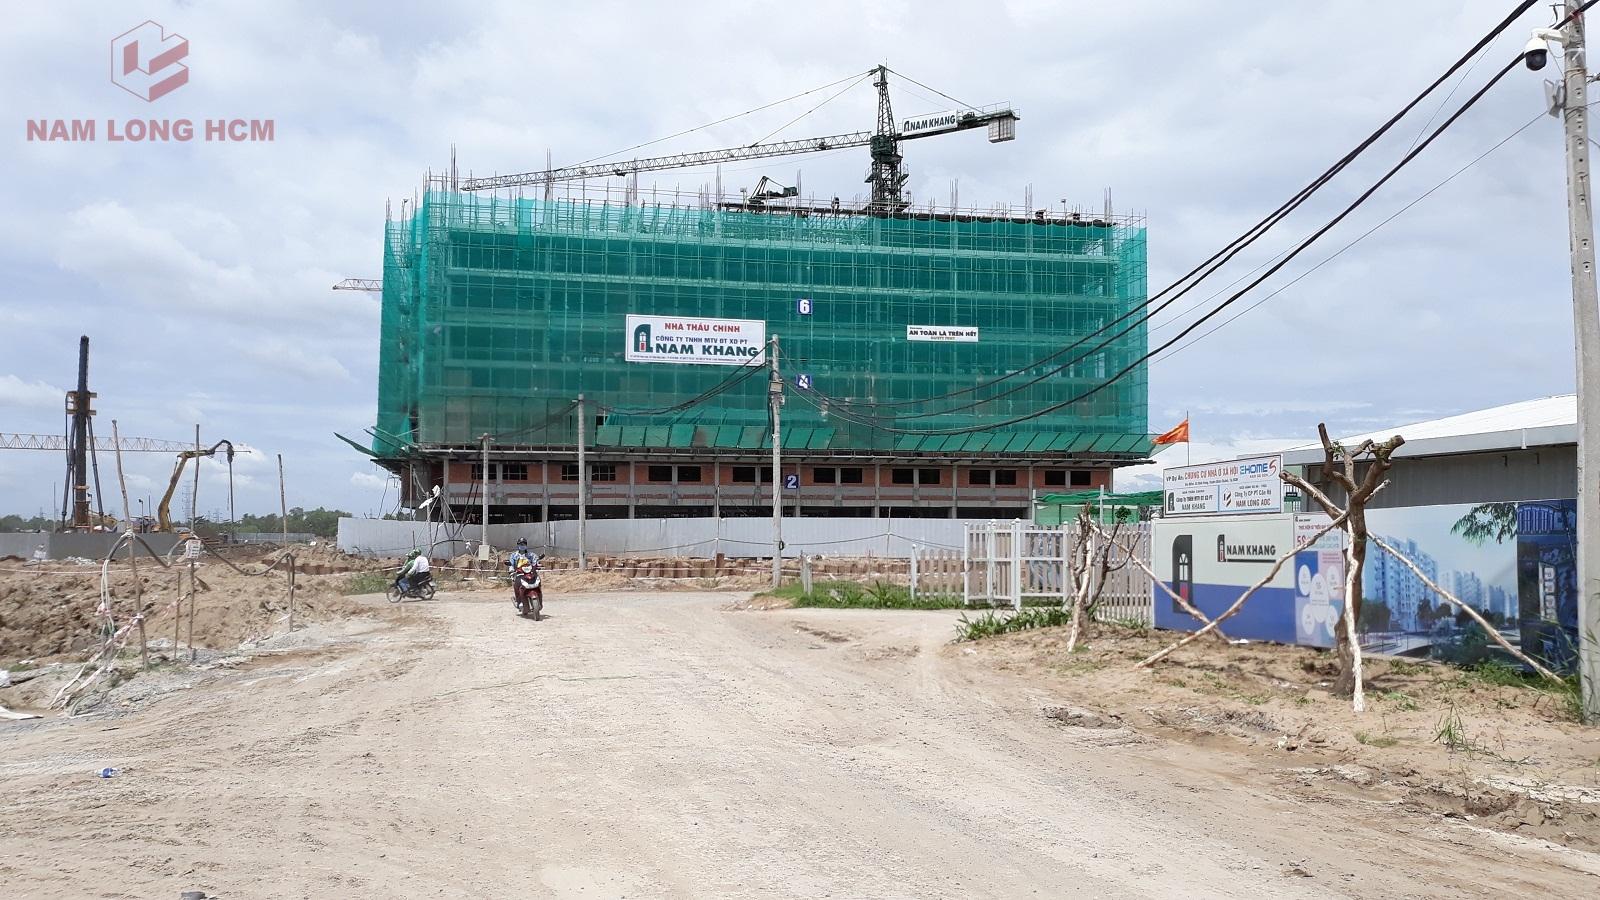 Block B dự án Ehome S - Nam Long Bình Chánh đang thi công tới sàn tầng 8 và 1 phần sàn tầng 9. Ảnh: Nam Long HCM